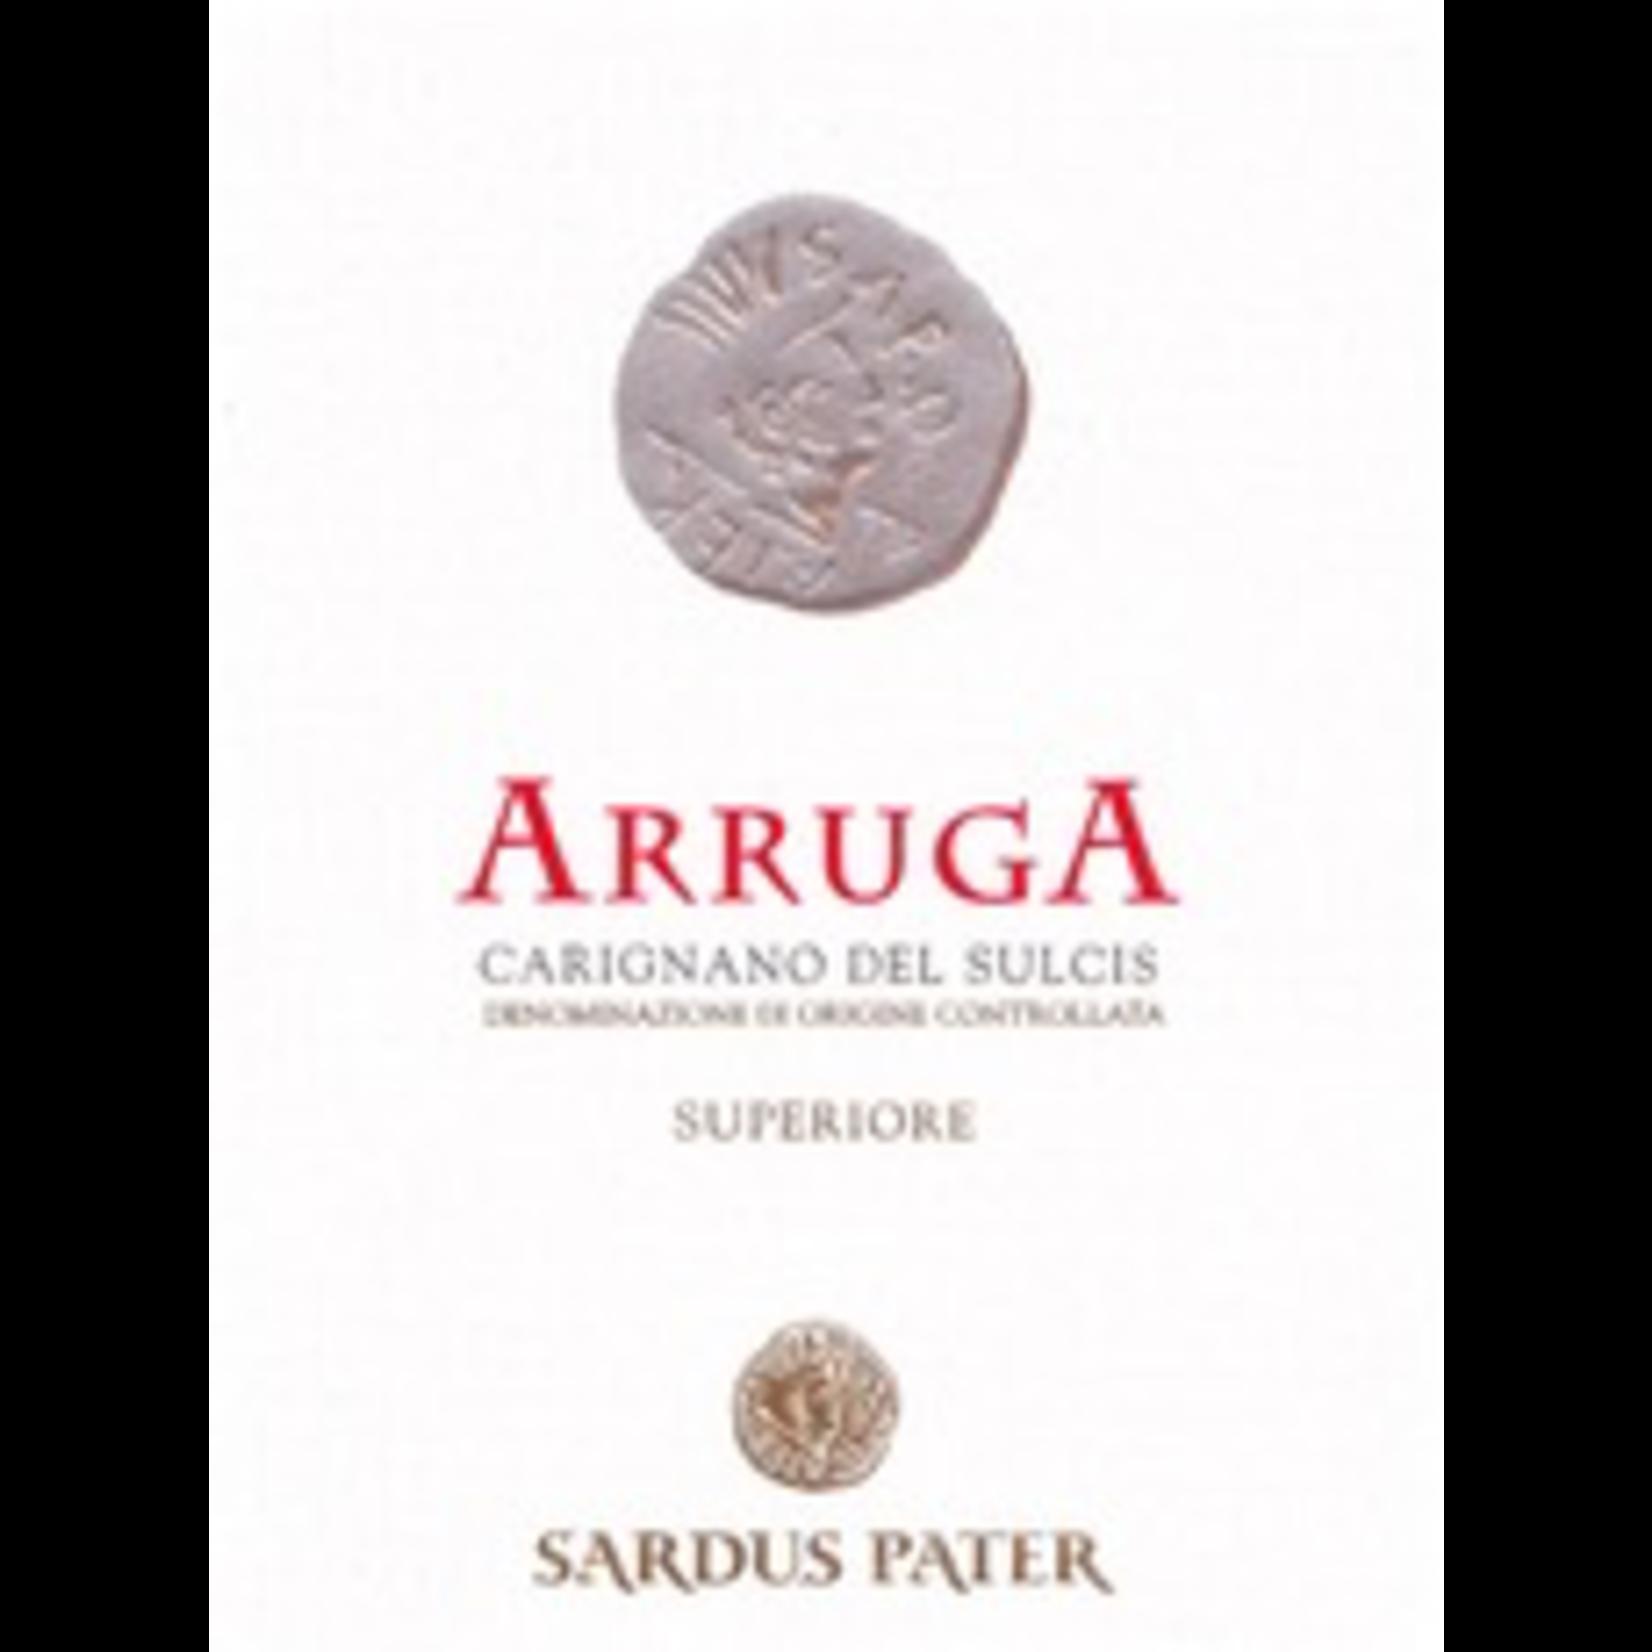 Wine Sardus Pater Carignano del Sulcis Superiore Arruga 2013